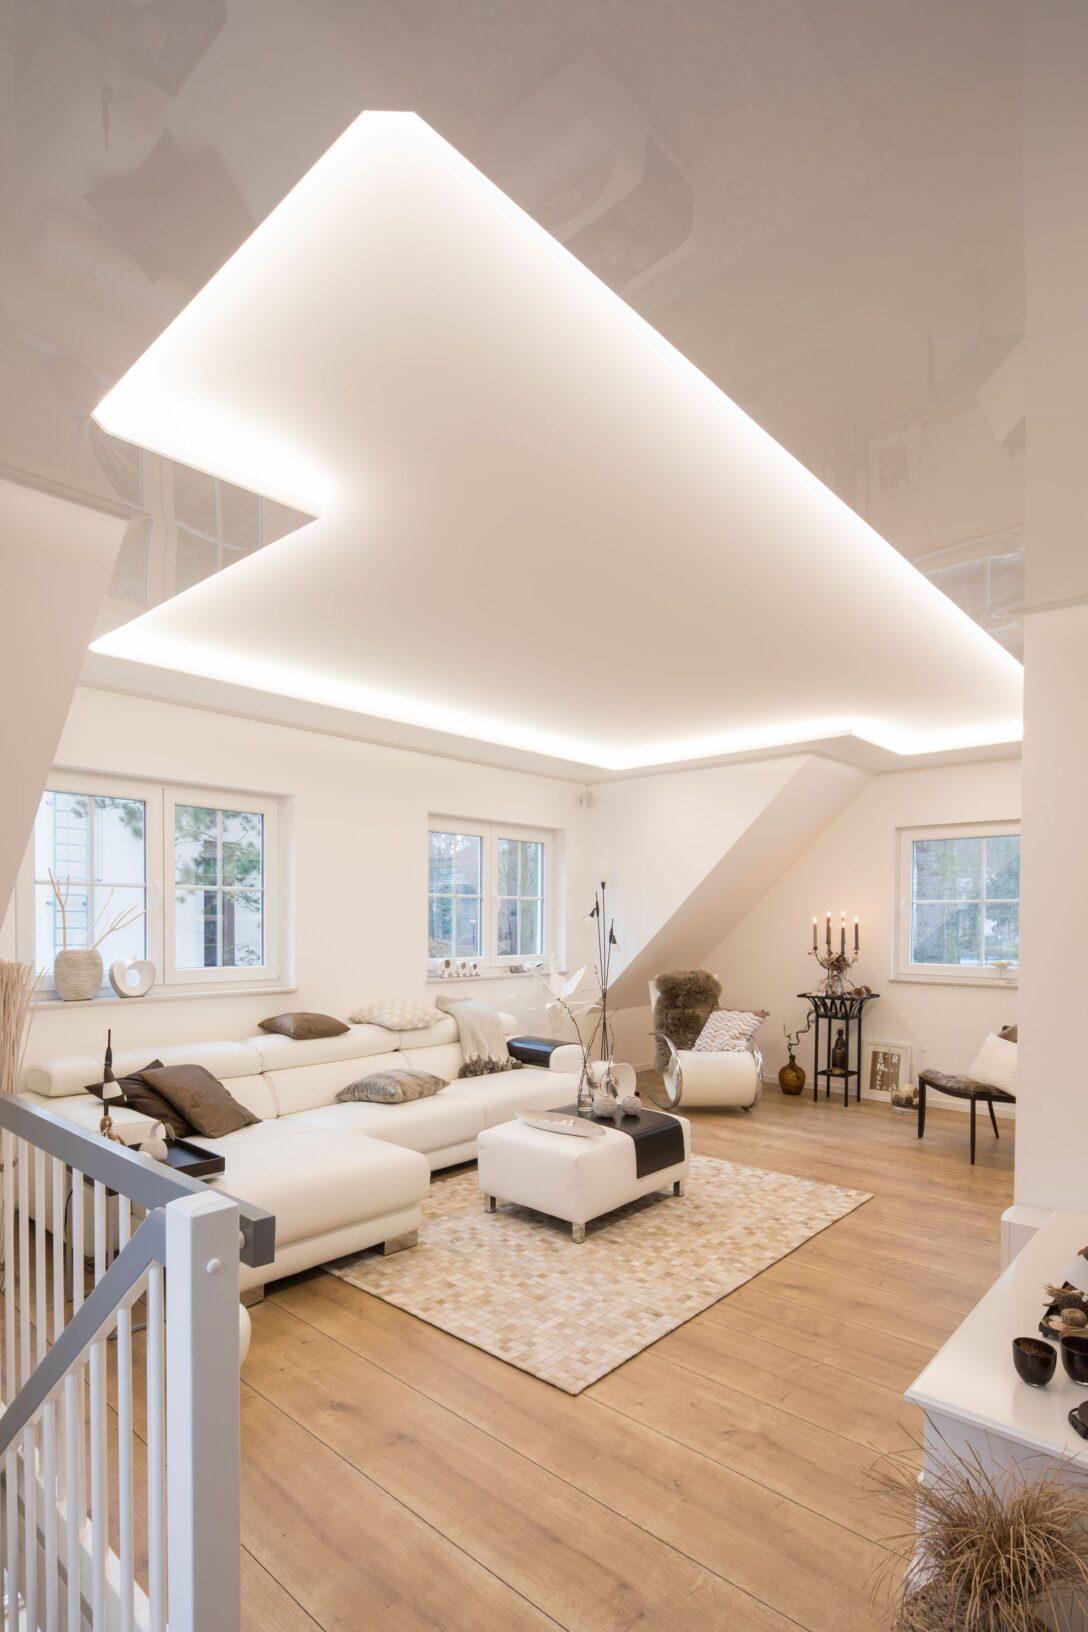 Large Size of Wohnzimmer Decke Deckenkombination Mit Beleuchtung Und Reflexion Wandtattoo Schlafzimmer Deckenlampe Decken Deckenleuchte Bad Stehleuchte Lampe Led Küche Wohnzimmer Wohnzimmer Decke